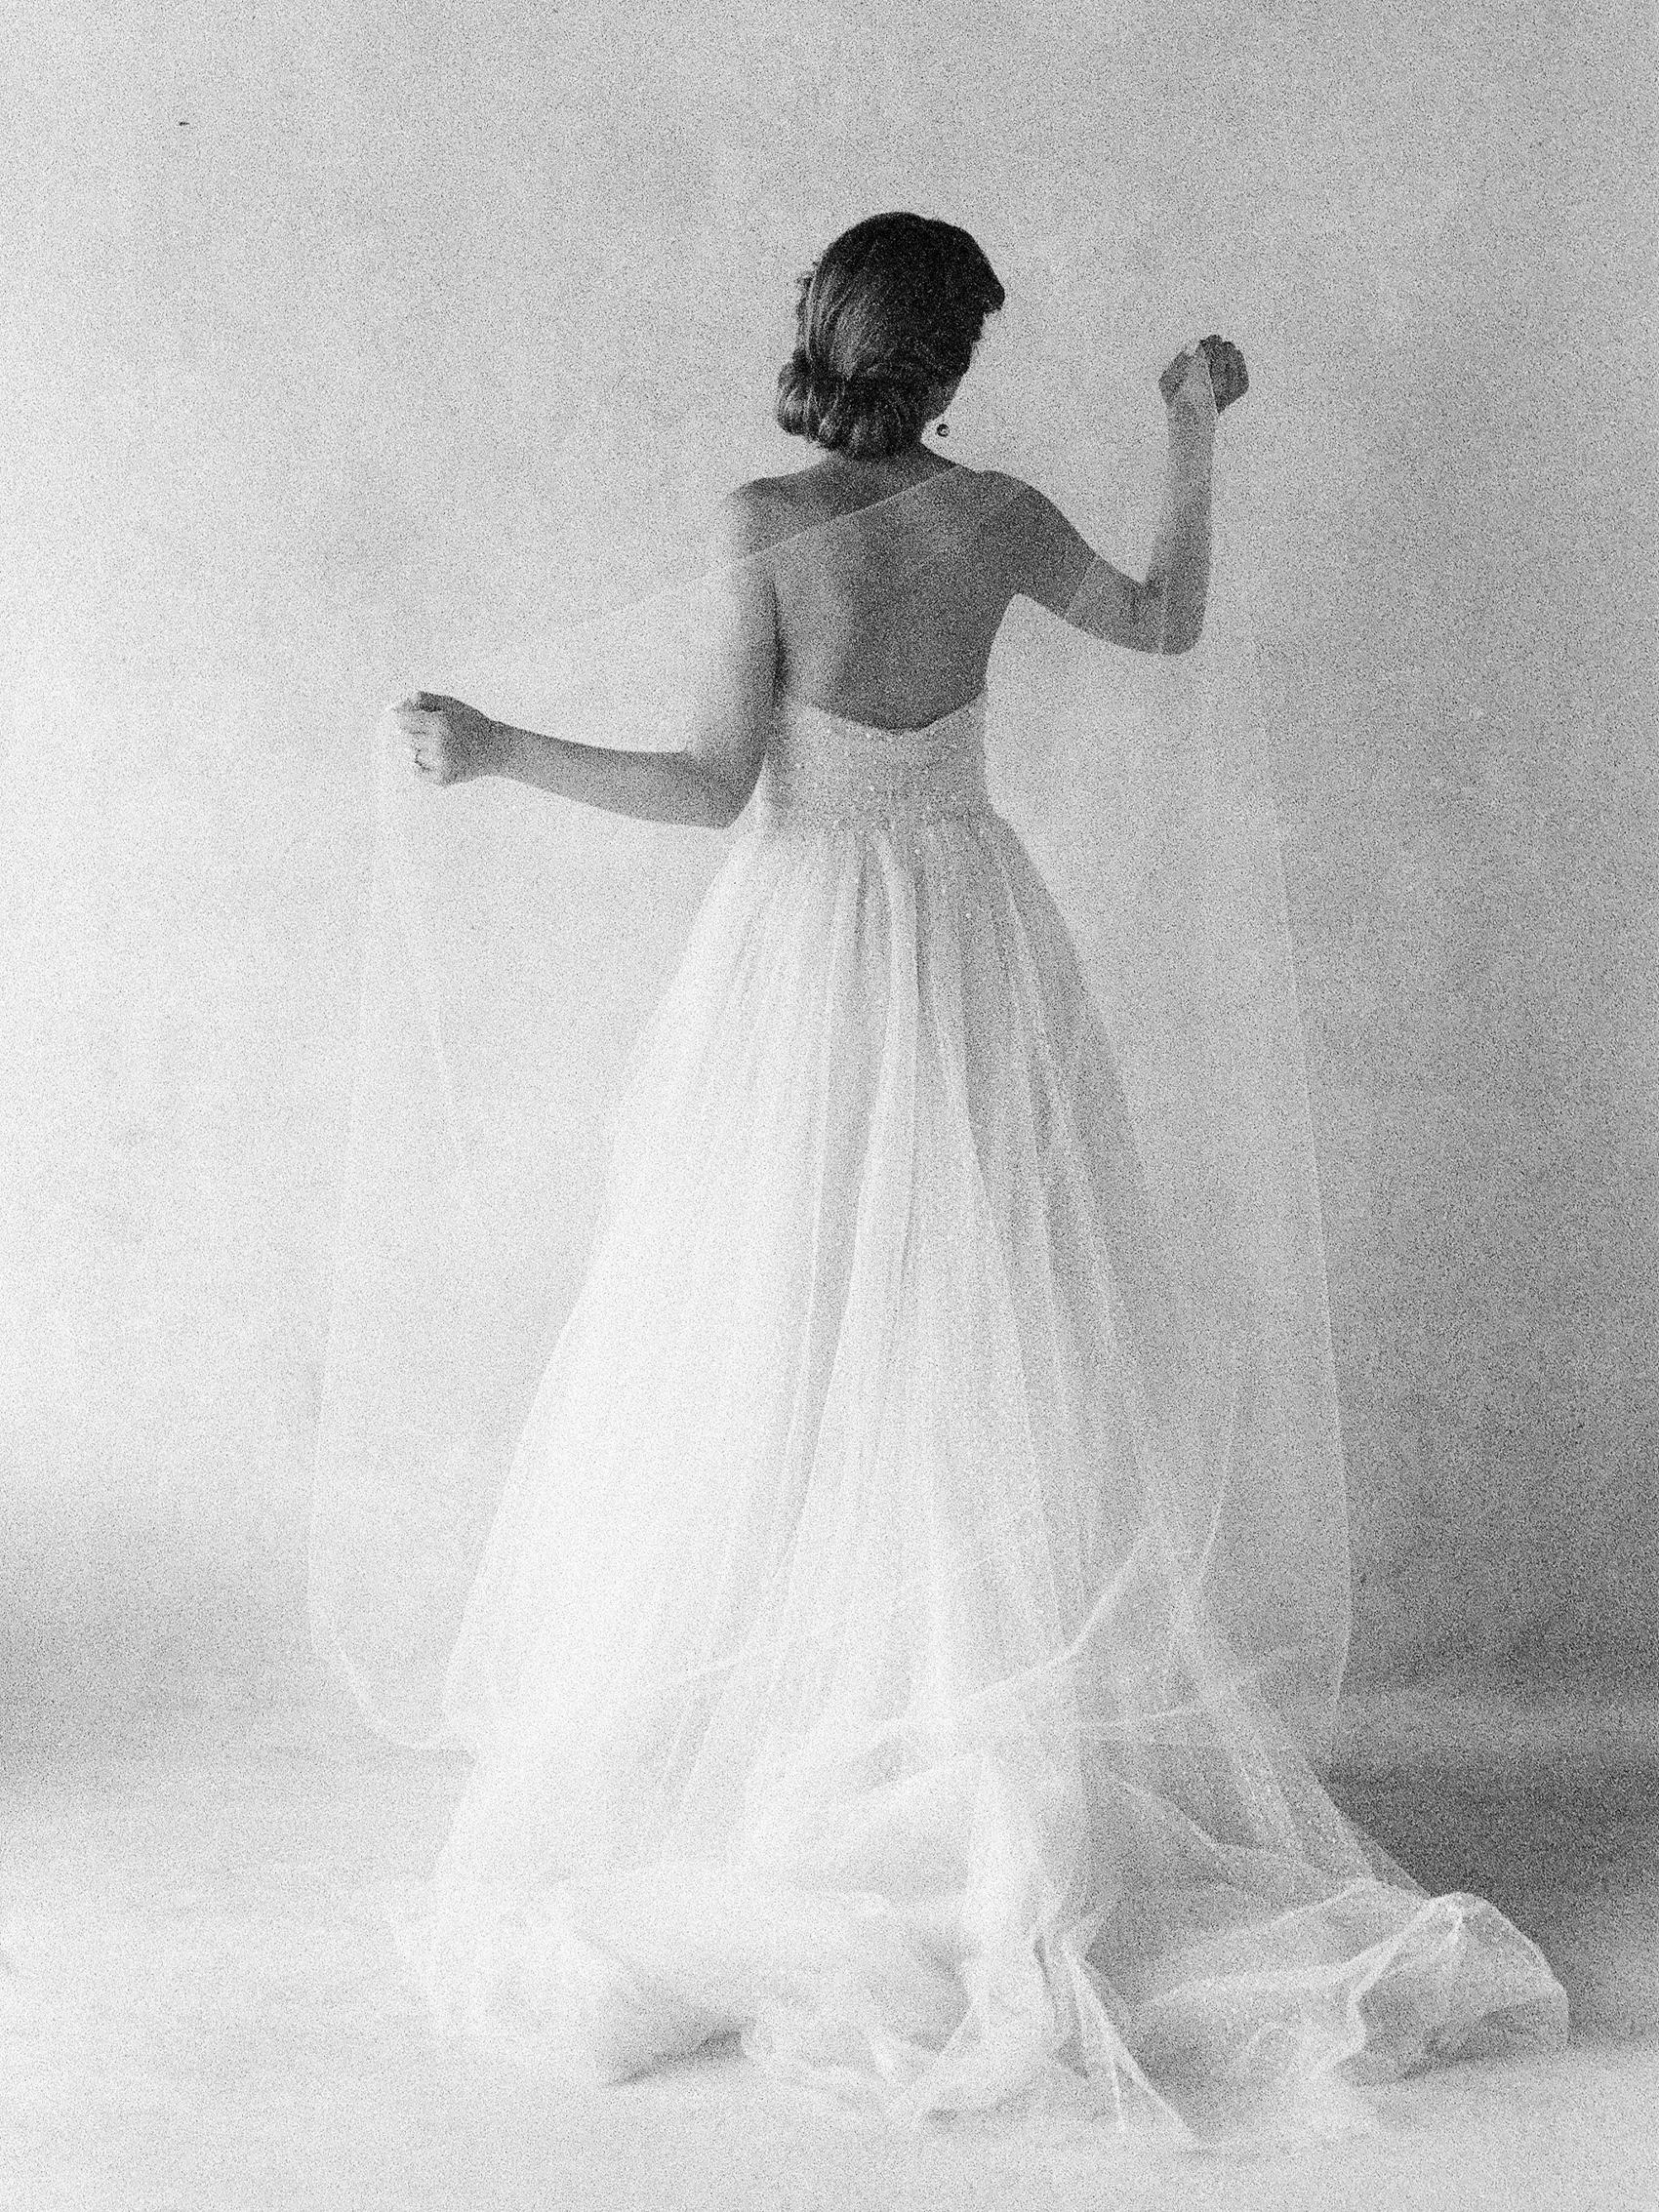 Bridal-Hollywood-1-Jen_Huang-000363630028.jpg